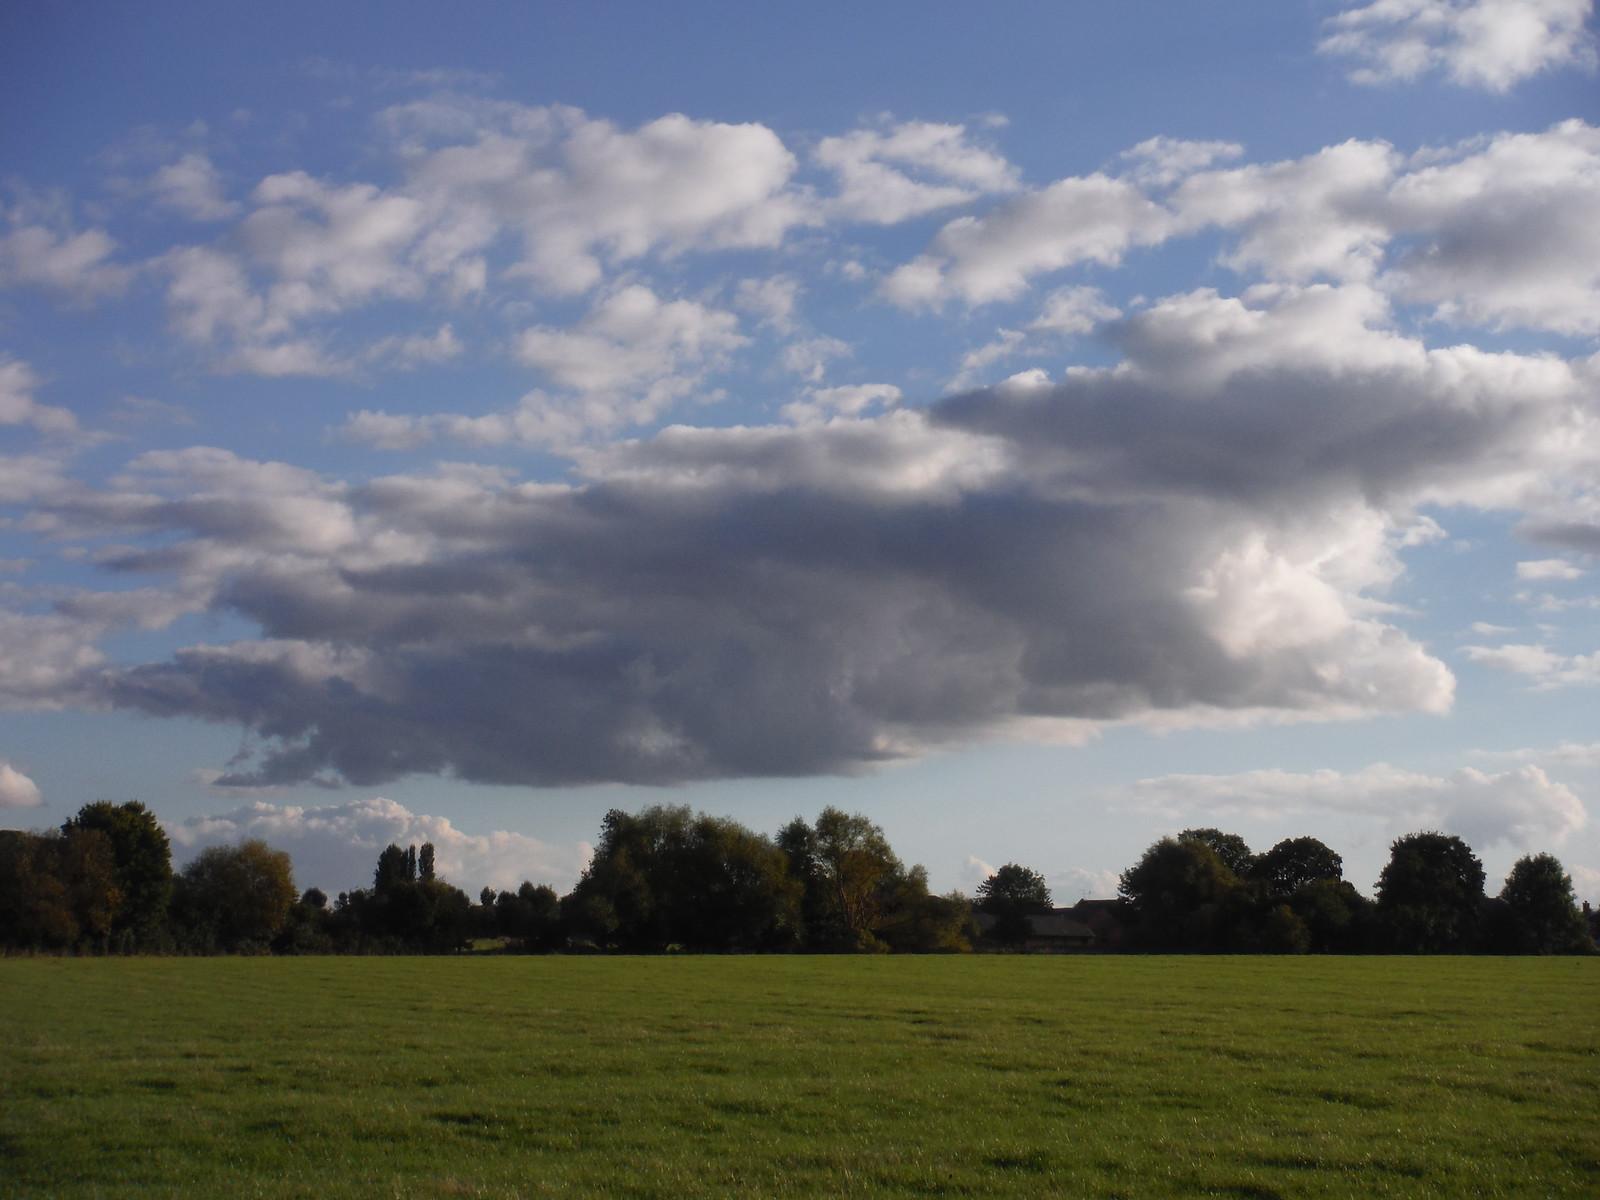 Cloudscape SWC Walk 194 Aylesbury Vale Parkway to Aylesbury